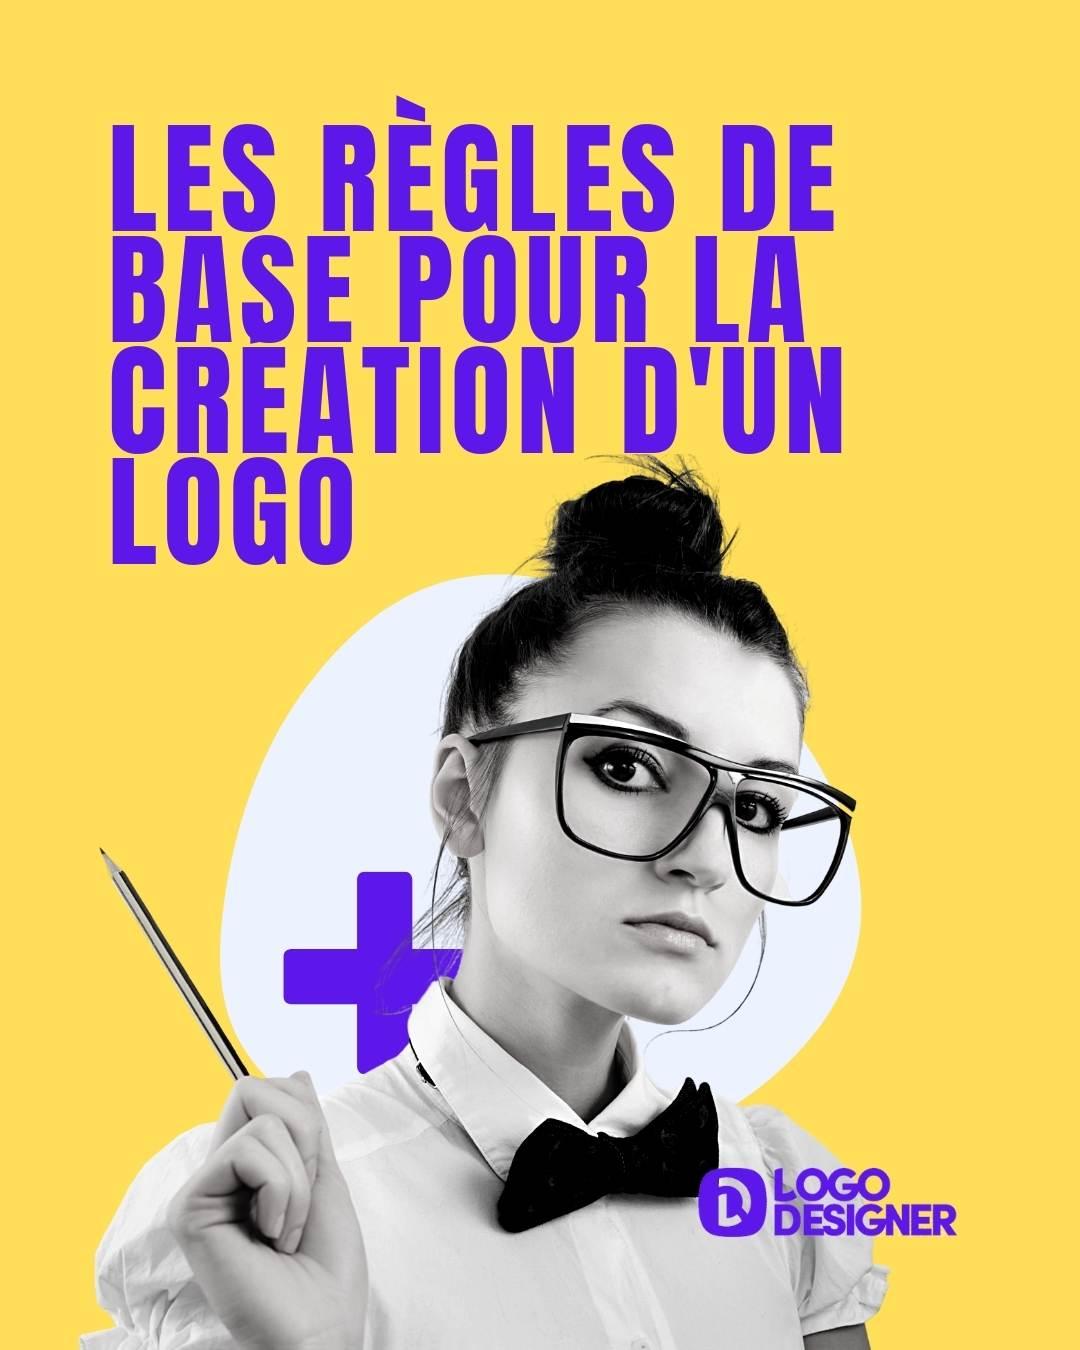 Les règles de base pour la création d'un logo